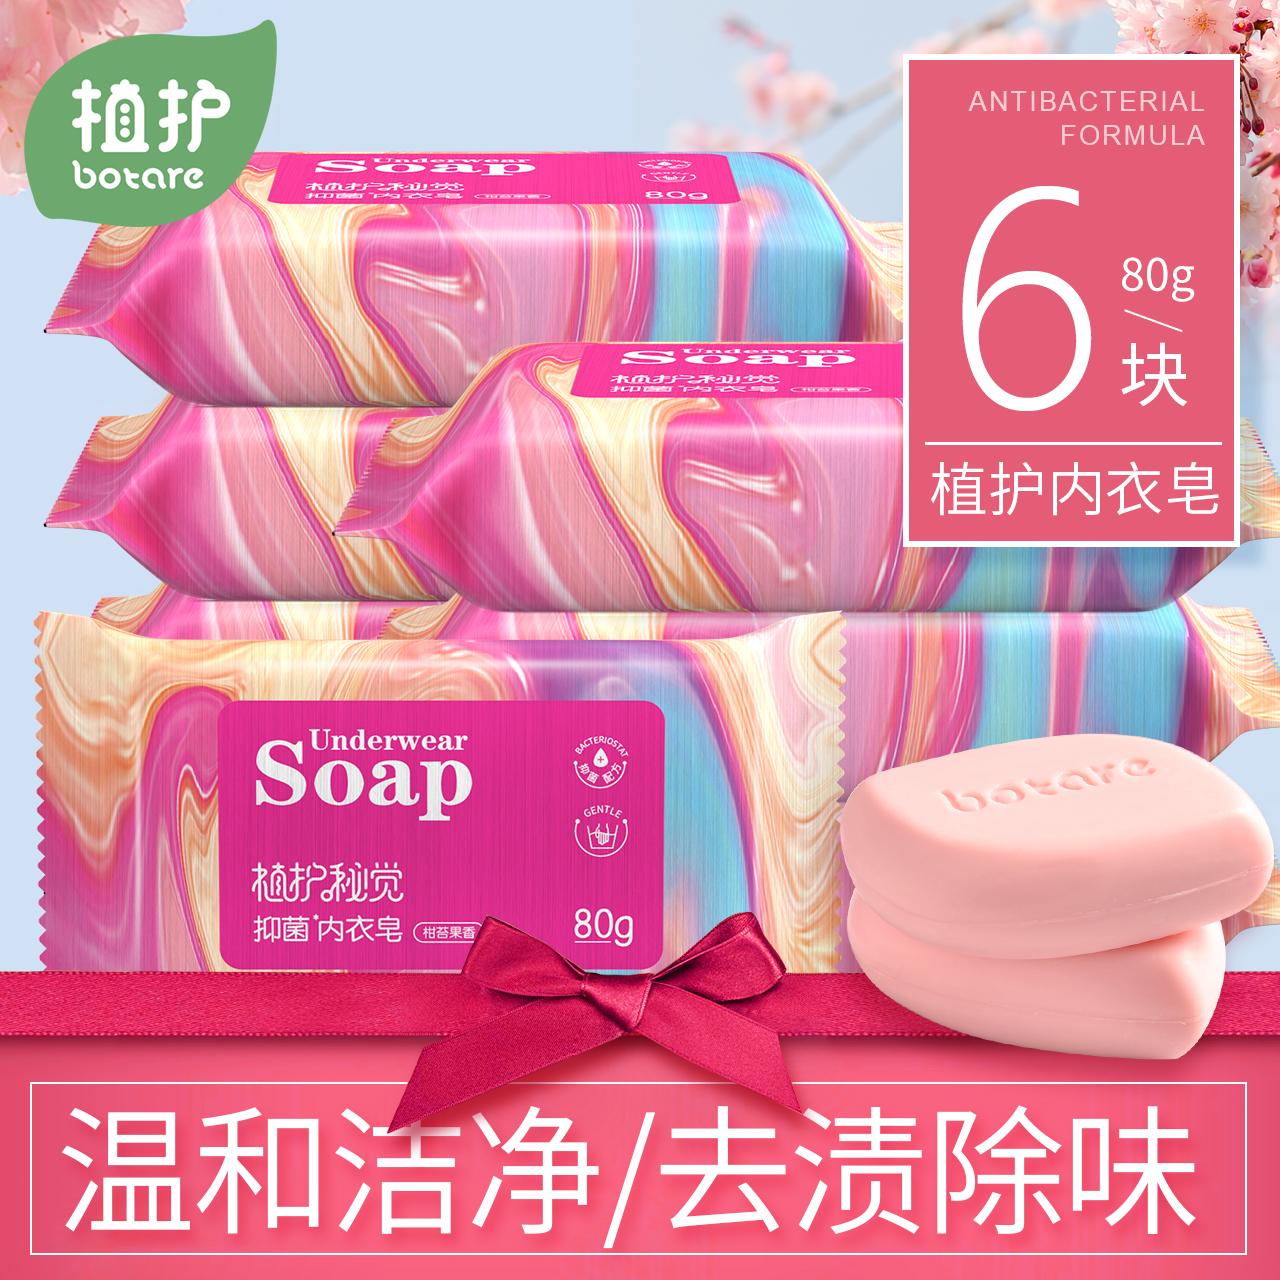 植护女士内衣专用洗衣皂洗内衣内裤皂杀菌抑菌香皂6块清香型肥皂